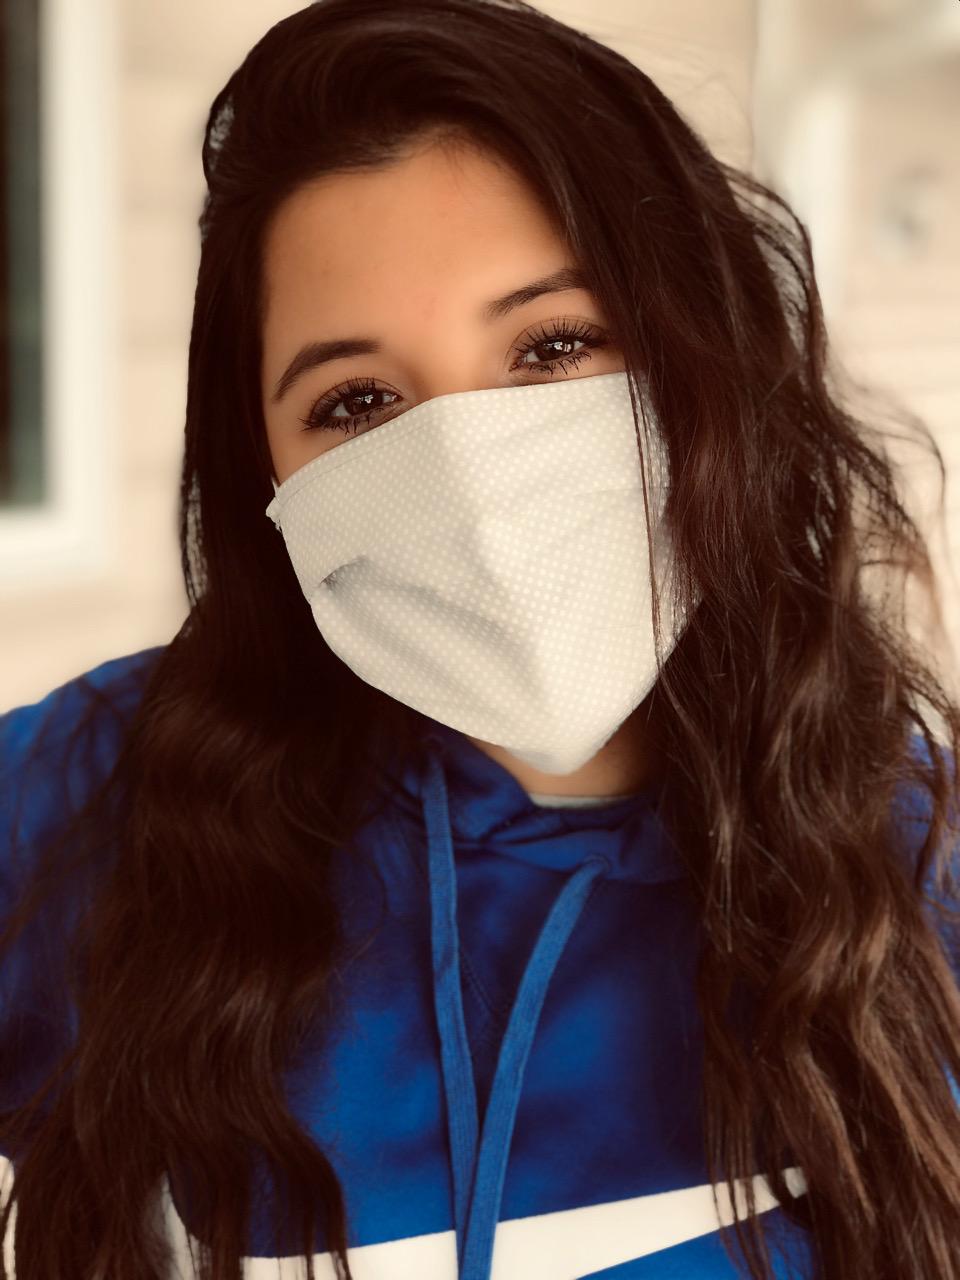 Sophomore Jade Manriquez shows off her favorite mask